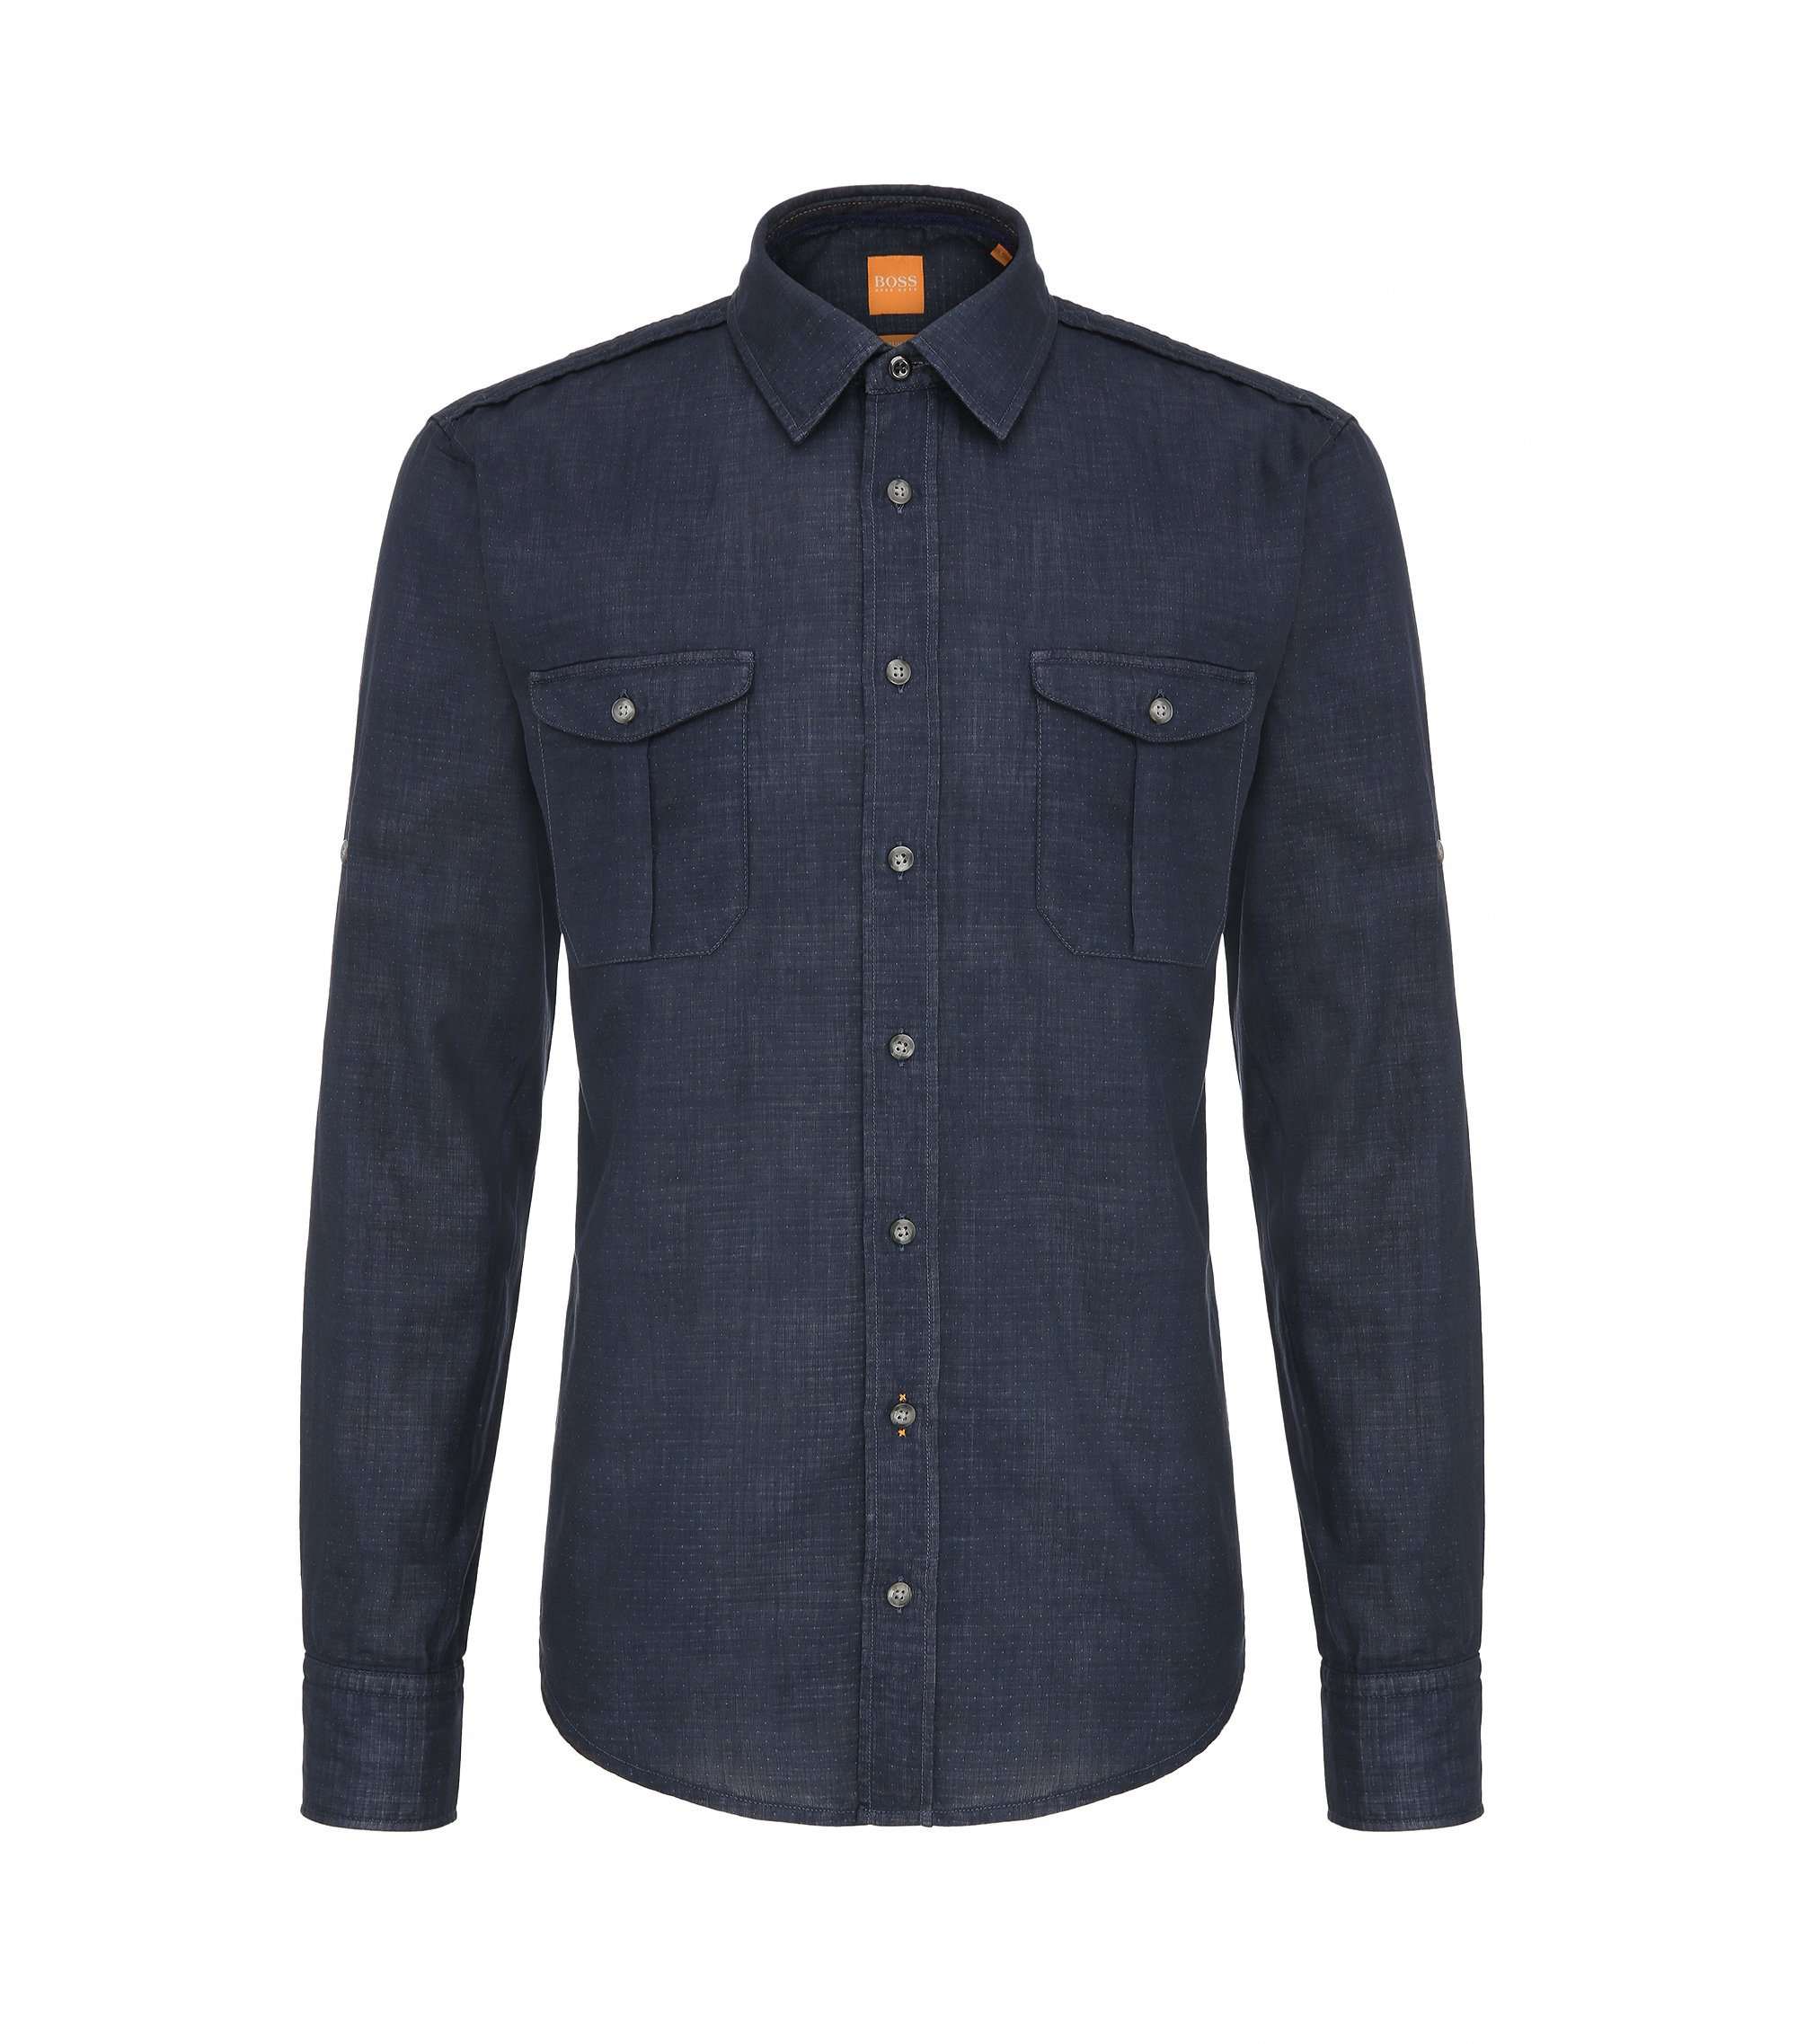 Cotton Button Down Shirt, Slim Fit | CadettoE, Open Blue